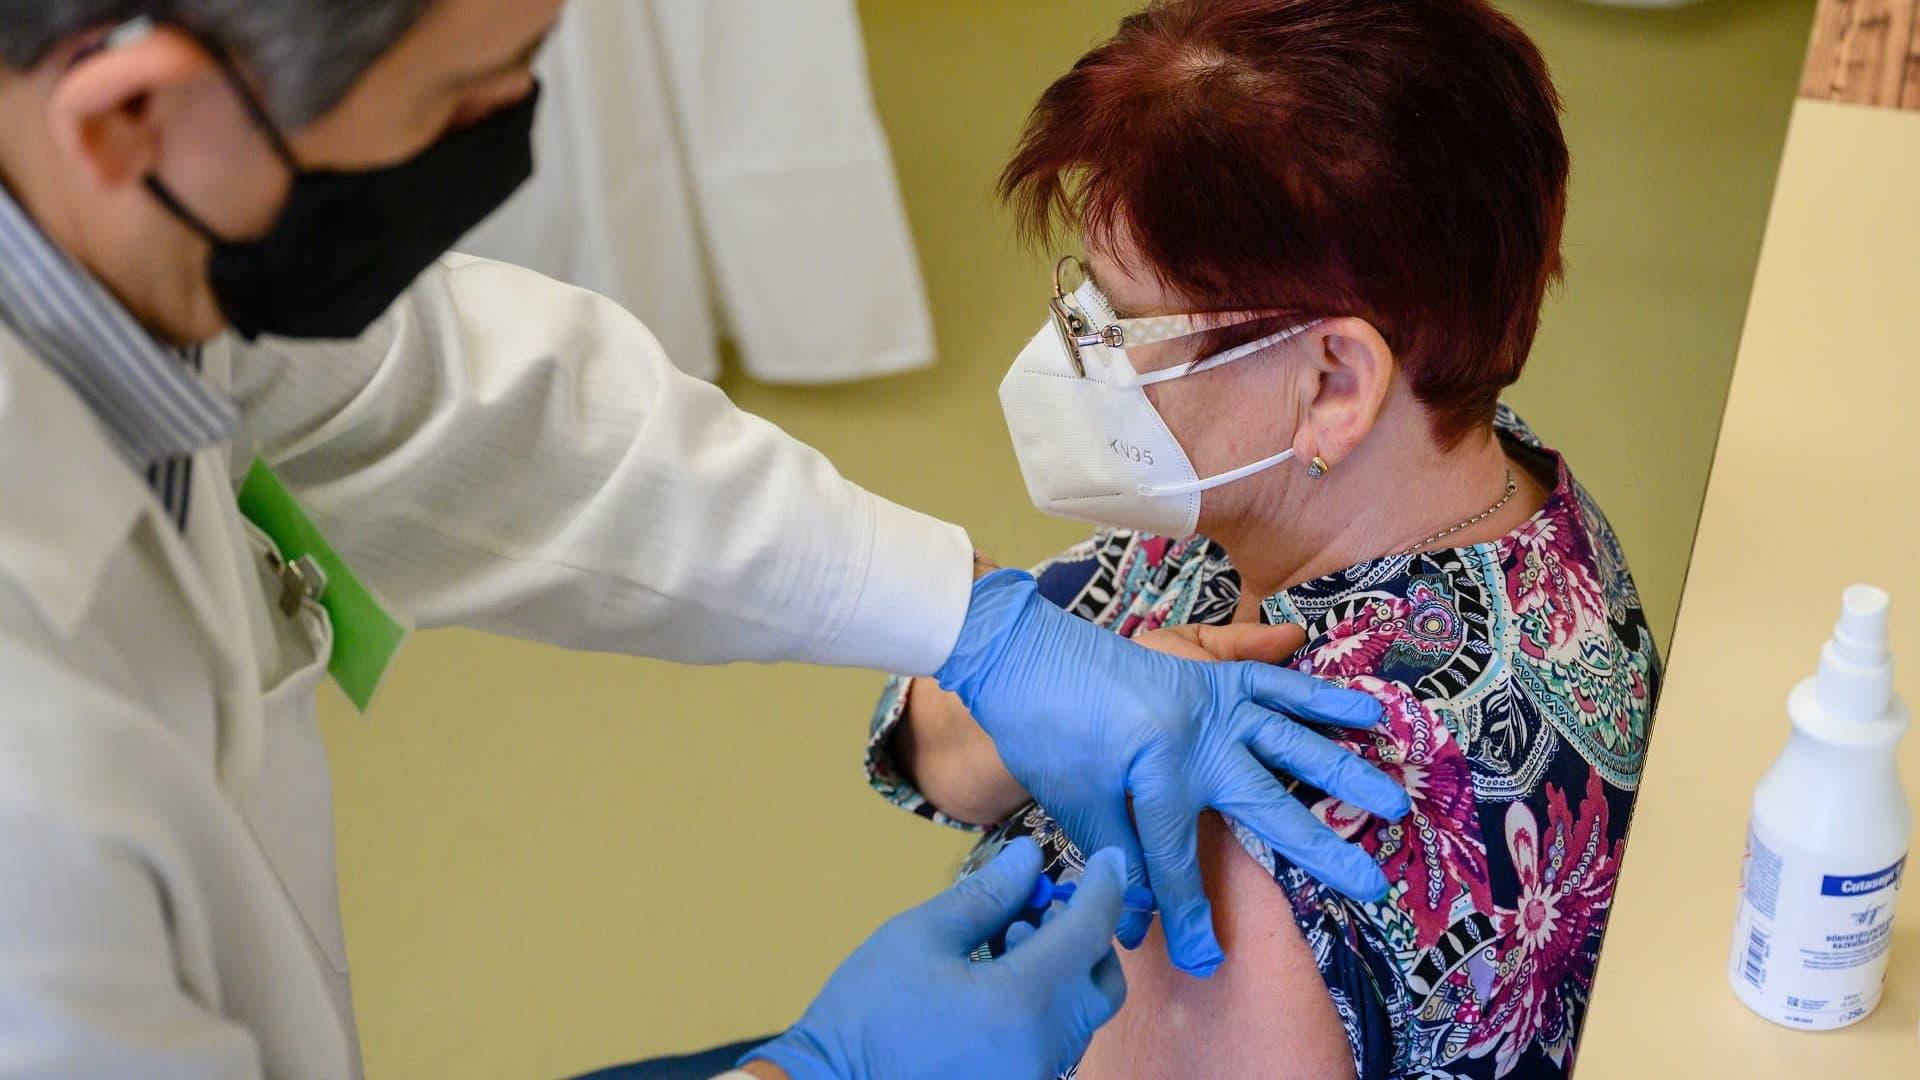 Naista rokotetaan.